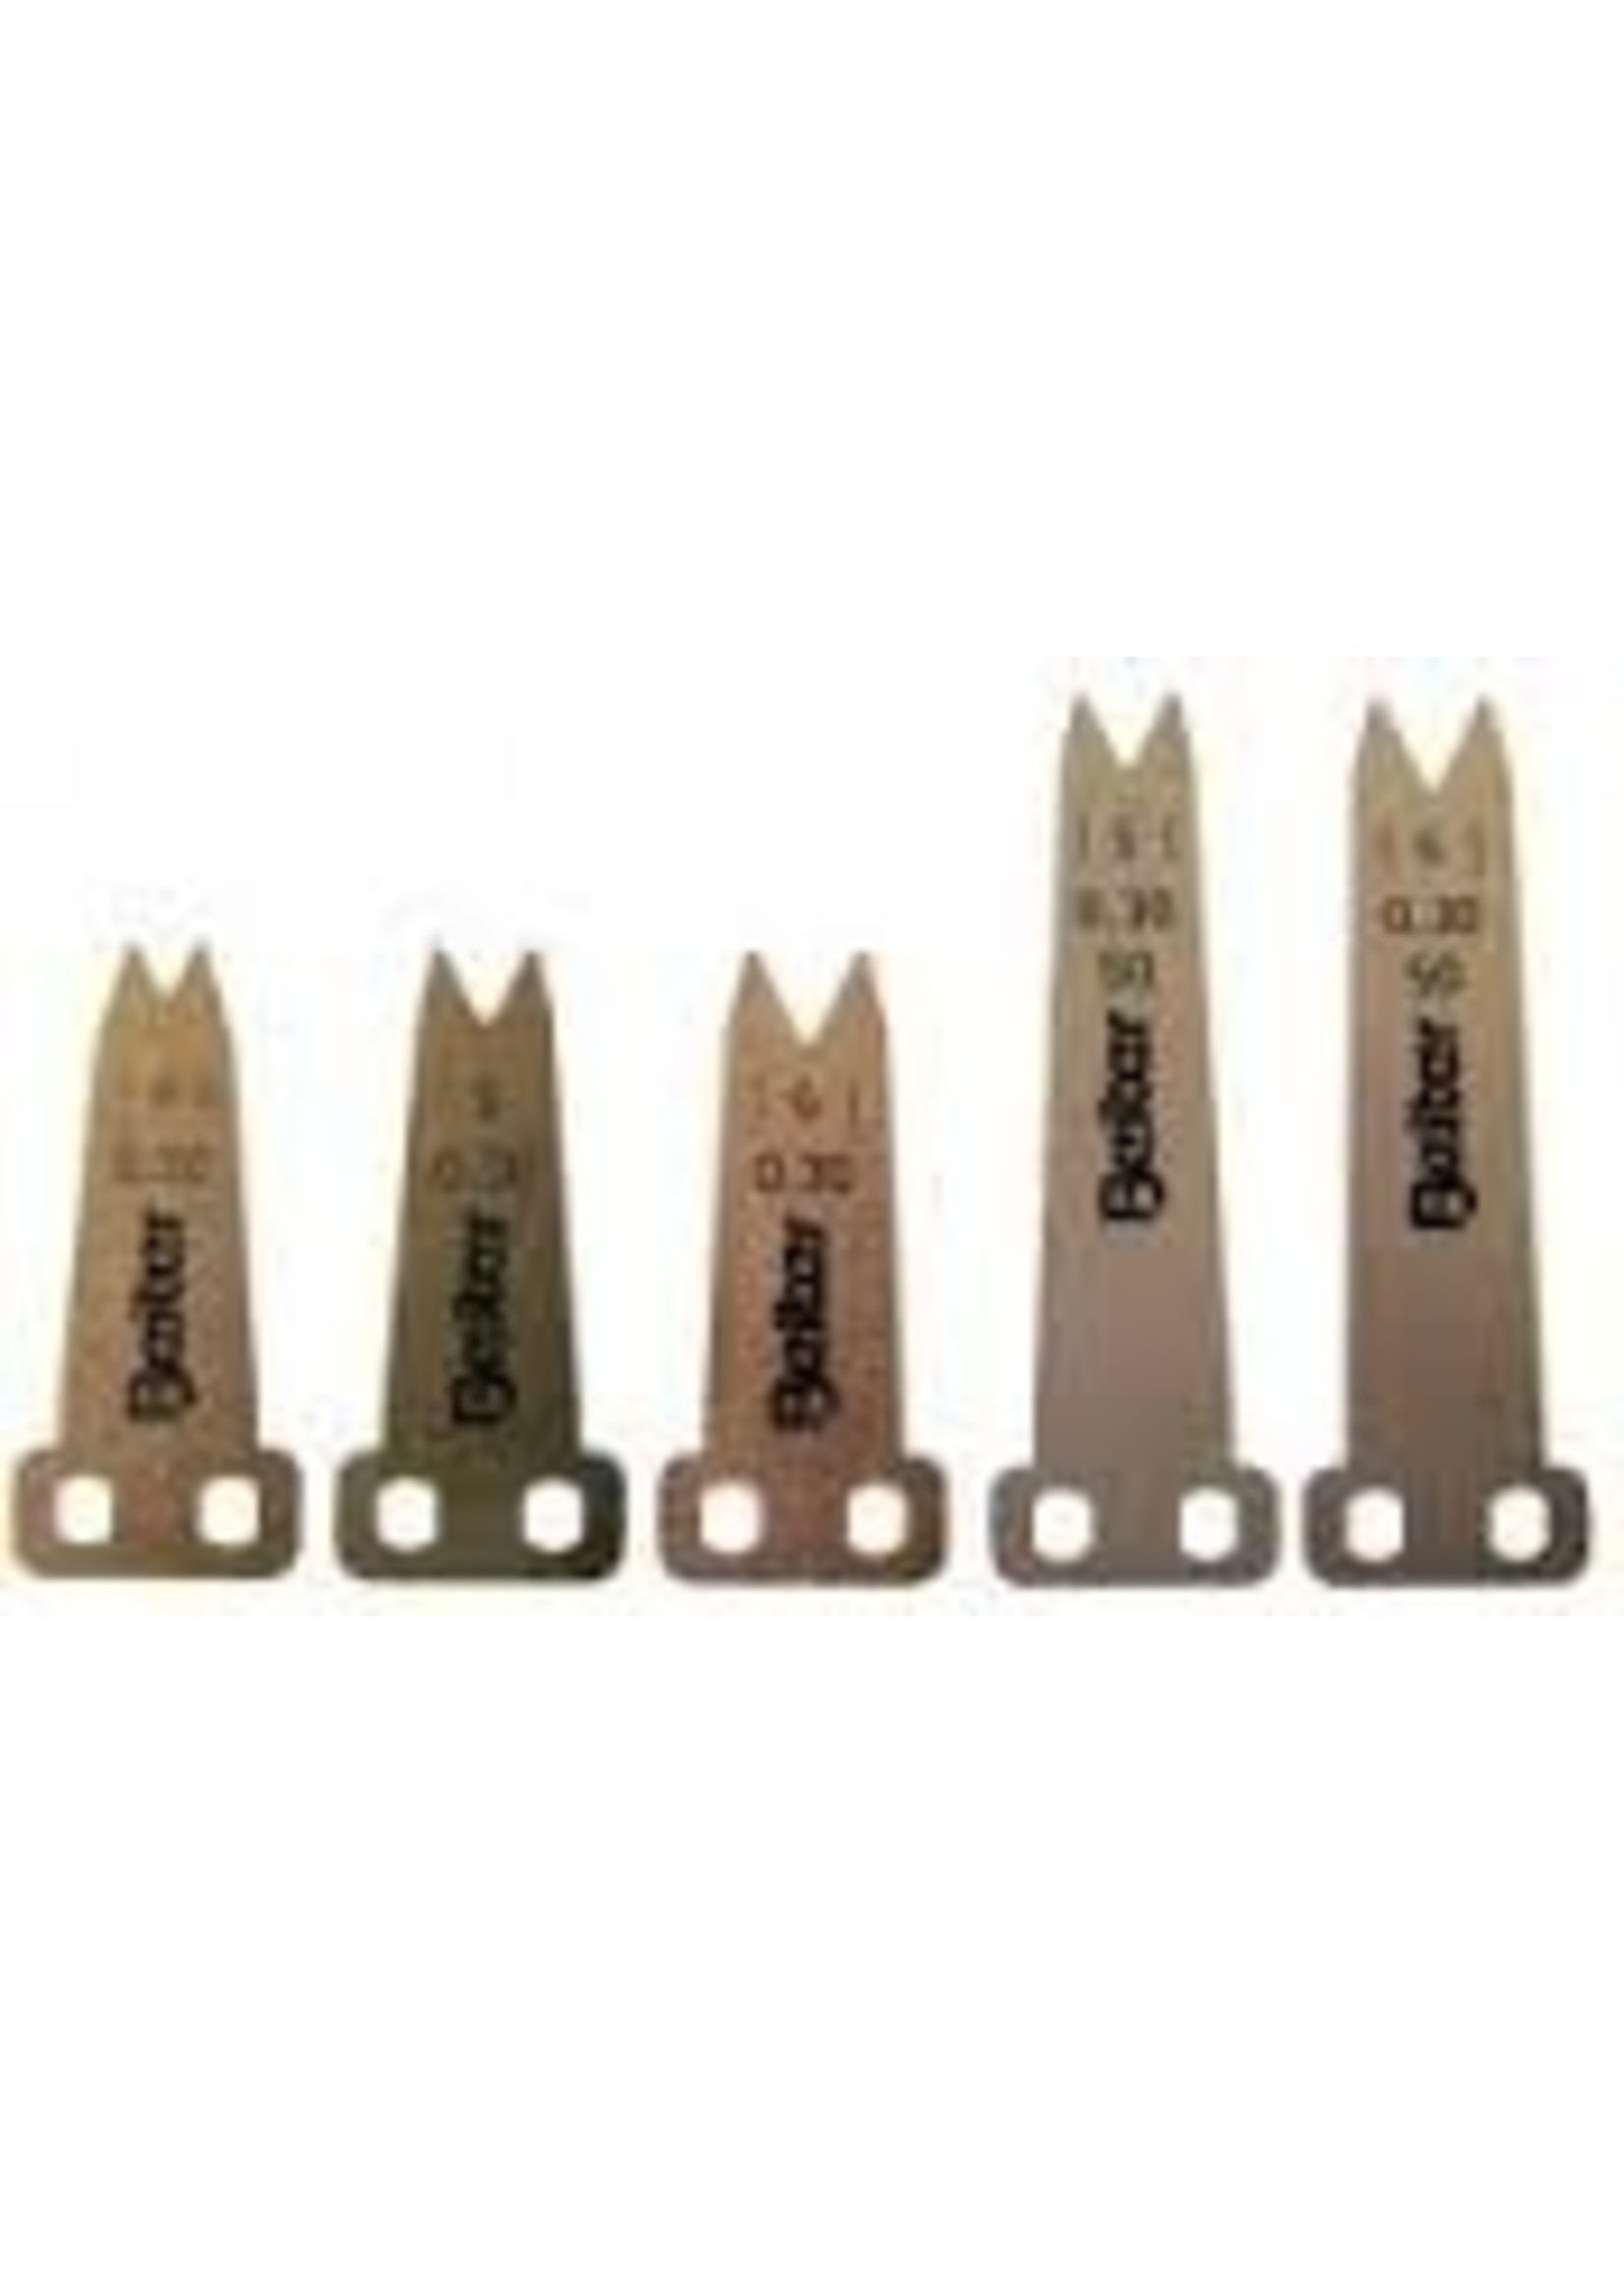 Beiter Beiter Launcher Blade